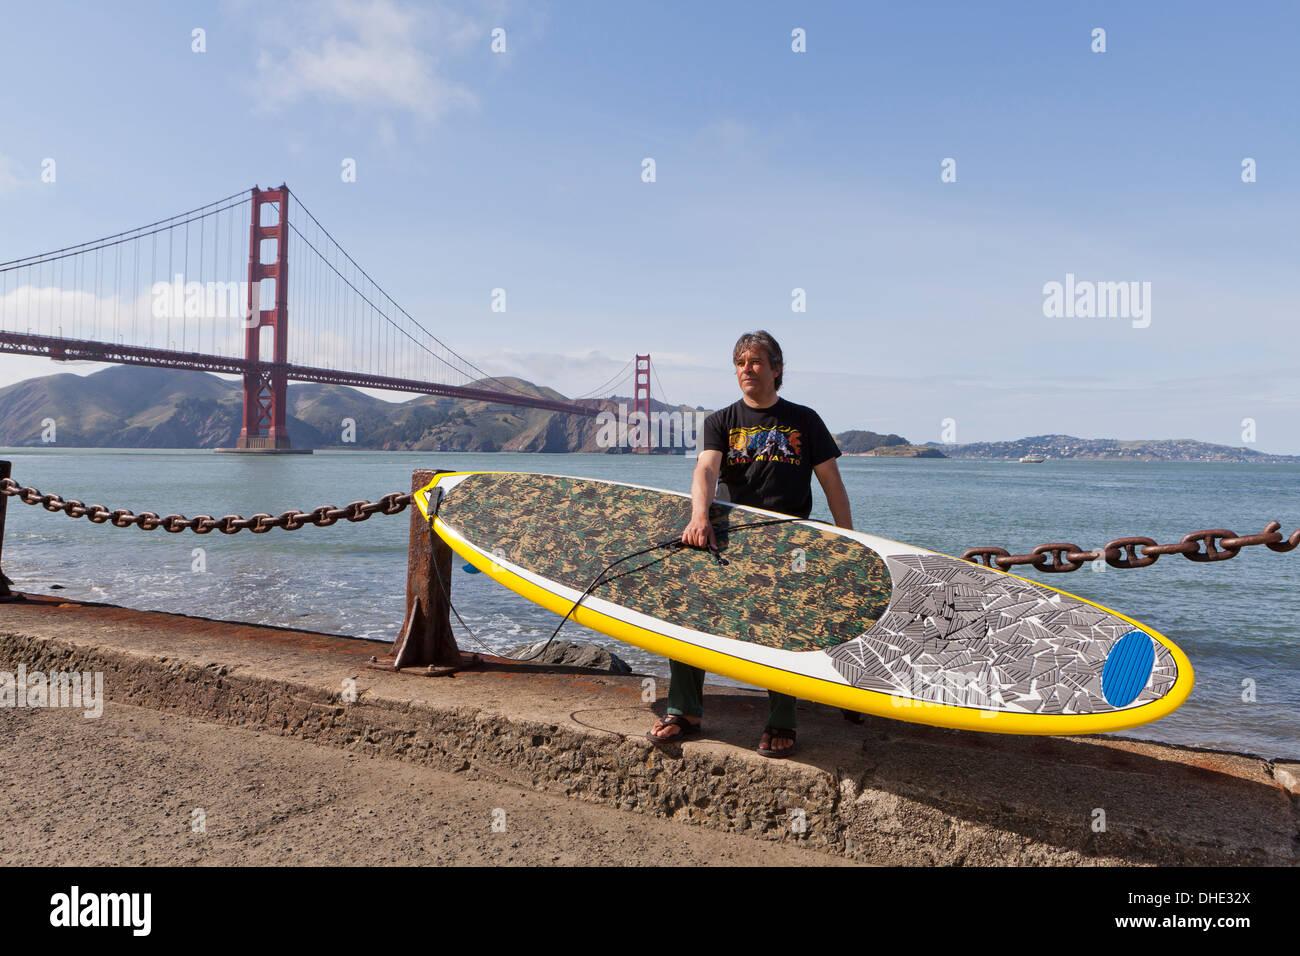 Paddleboard surfer tenendo la scheda - San Francisco, California USA Immagini Stock